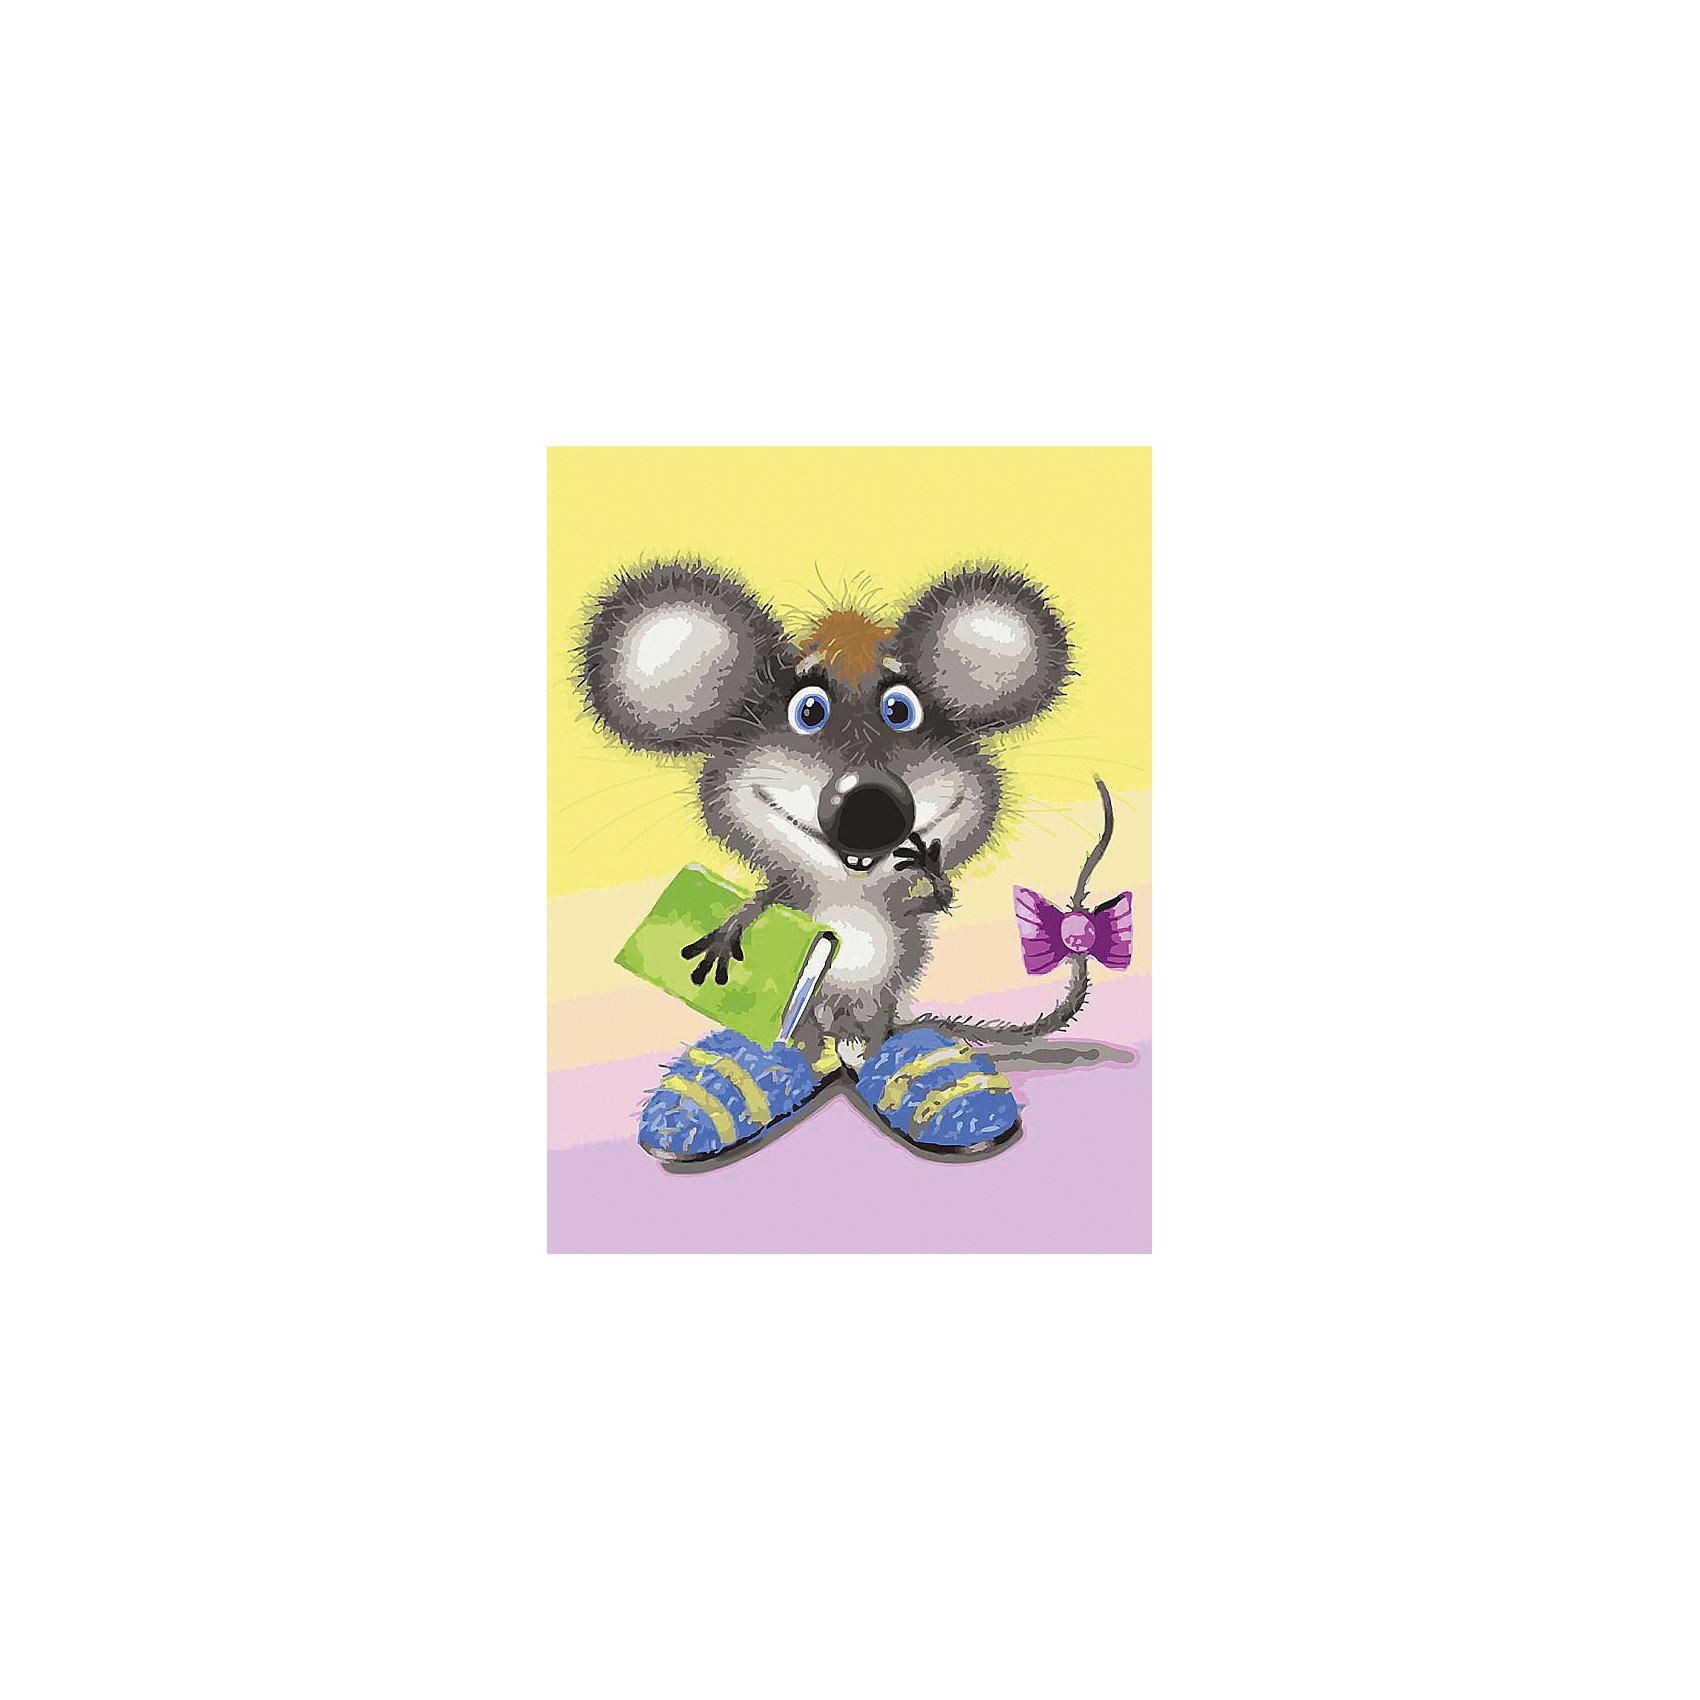 Живопись на холсте Ученый мышонок 30*40 смРаскраски по номерам<br>Характеристики:<br><br>• Предназначение: для занятий художественным творчеством<br>• Тематика: животные<br>• Пол: универсальный<br>• Материал: дерево, бумага, краски<br>• Цвет: серый, белый, зеленый, голубой, желтый, коричневый и др.<br>• Комплектация: холст на подрамнике, набор акриловых красок, 3 кисти, пробный лист с нанесенным рисунком, крепление для готовой картины, инструкция<br>• Размеры (Ш*Д): 30*40 см<br>• Вес: 480 г <br>• Упаковка: картонная коробка<br><br>Живопись на холсте 30*40 см Ученый мышонок – это набор от торговой марки Белоснежка, специализирующейся на товарах для творчества и рукоделия. Комплект для живописи состоит из черно-белого холста на подрамнике из дерева, набора необходимых акриловых красок, трех кистей разного размера и пробного листа. На холст и пробный лист нанесен рисунок с указанием номера соответствующей цвету краски. Акриловые краски хорошо ложатся на холст, не растекаются и не смешиваются, что делает их идеальными для начинающих художников. Все материалы, используемые в наборе, экологичные и натуральные. Готовые наборы научат вашего ребенка сочетать цвета и оттенки, действовать по заданному образцу, будут способствовать развитию внимательности, усидчивости и зрительному восприятию. <br>Занятия художественным творчеством являются не только средством творческого и эстетического развития, но также воспитания и коррекции эмоциональных комплексов у детей. <br><br>С наборами живописи на холсте от Белоснежки можно создать свою галерею картин или подготовить подарок родным и близким к празднованию торжества.<br><br>Живопись на холсте 30*40 см Ученый мышонок можно купить в нашем интернет-магазине.<br><br>Ширина мм: 410<br>Глубина мм: 310<br>Высота мм: 25<br>Вес г: 567<br>Возраст от месяцев: 72<br>Возраст до месяцев: 144<br>Пол: Женский<br>Возраст: Детский<br>SKU: 5089648